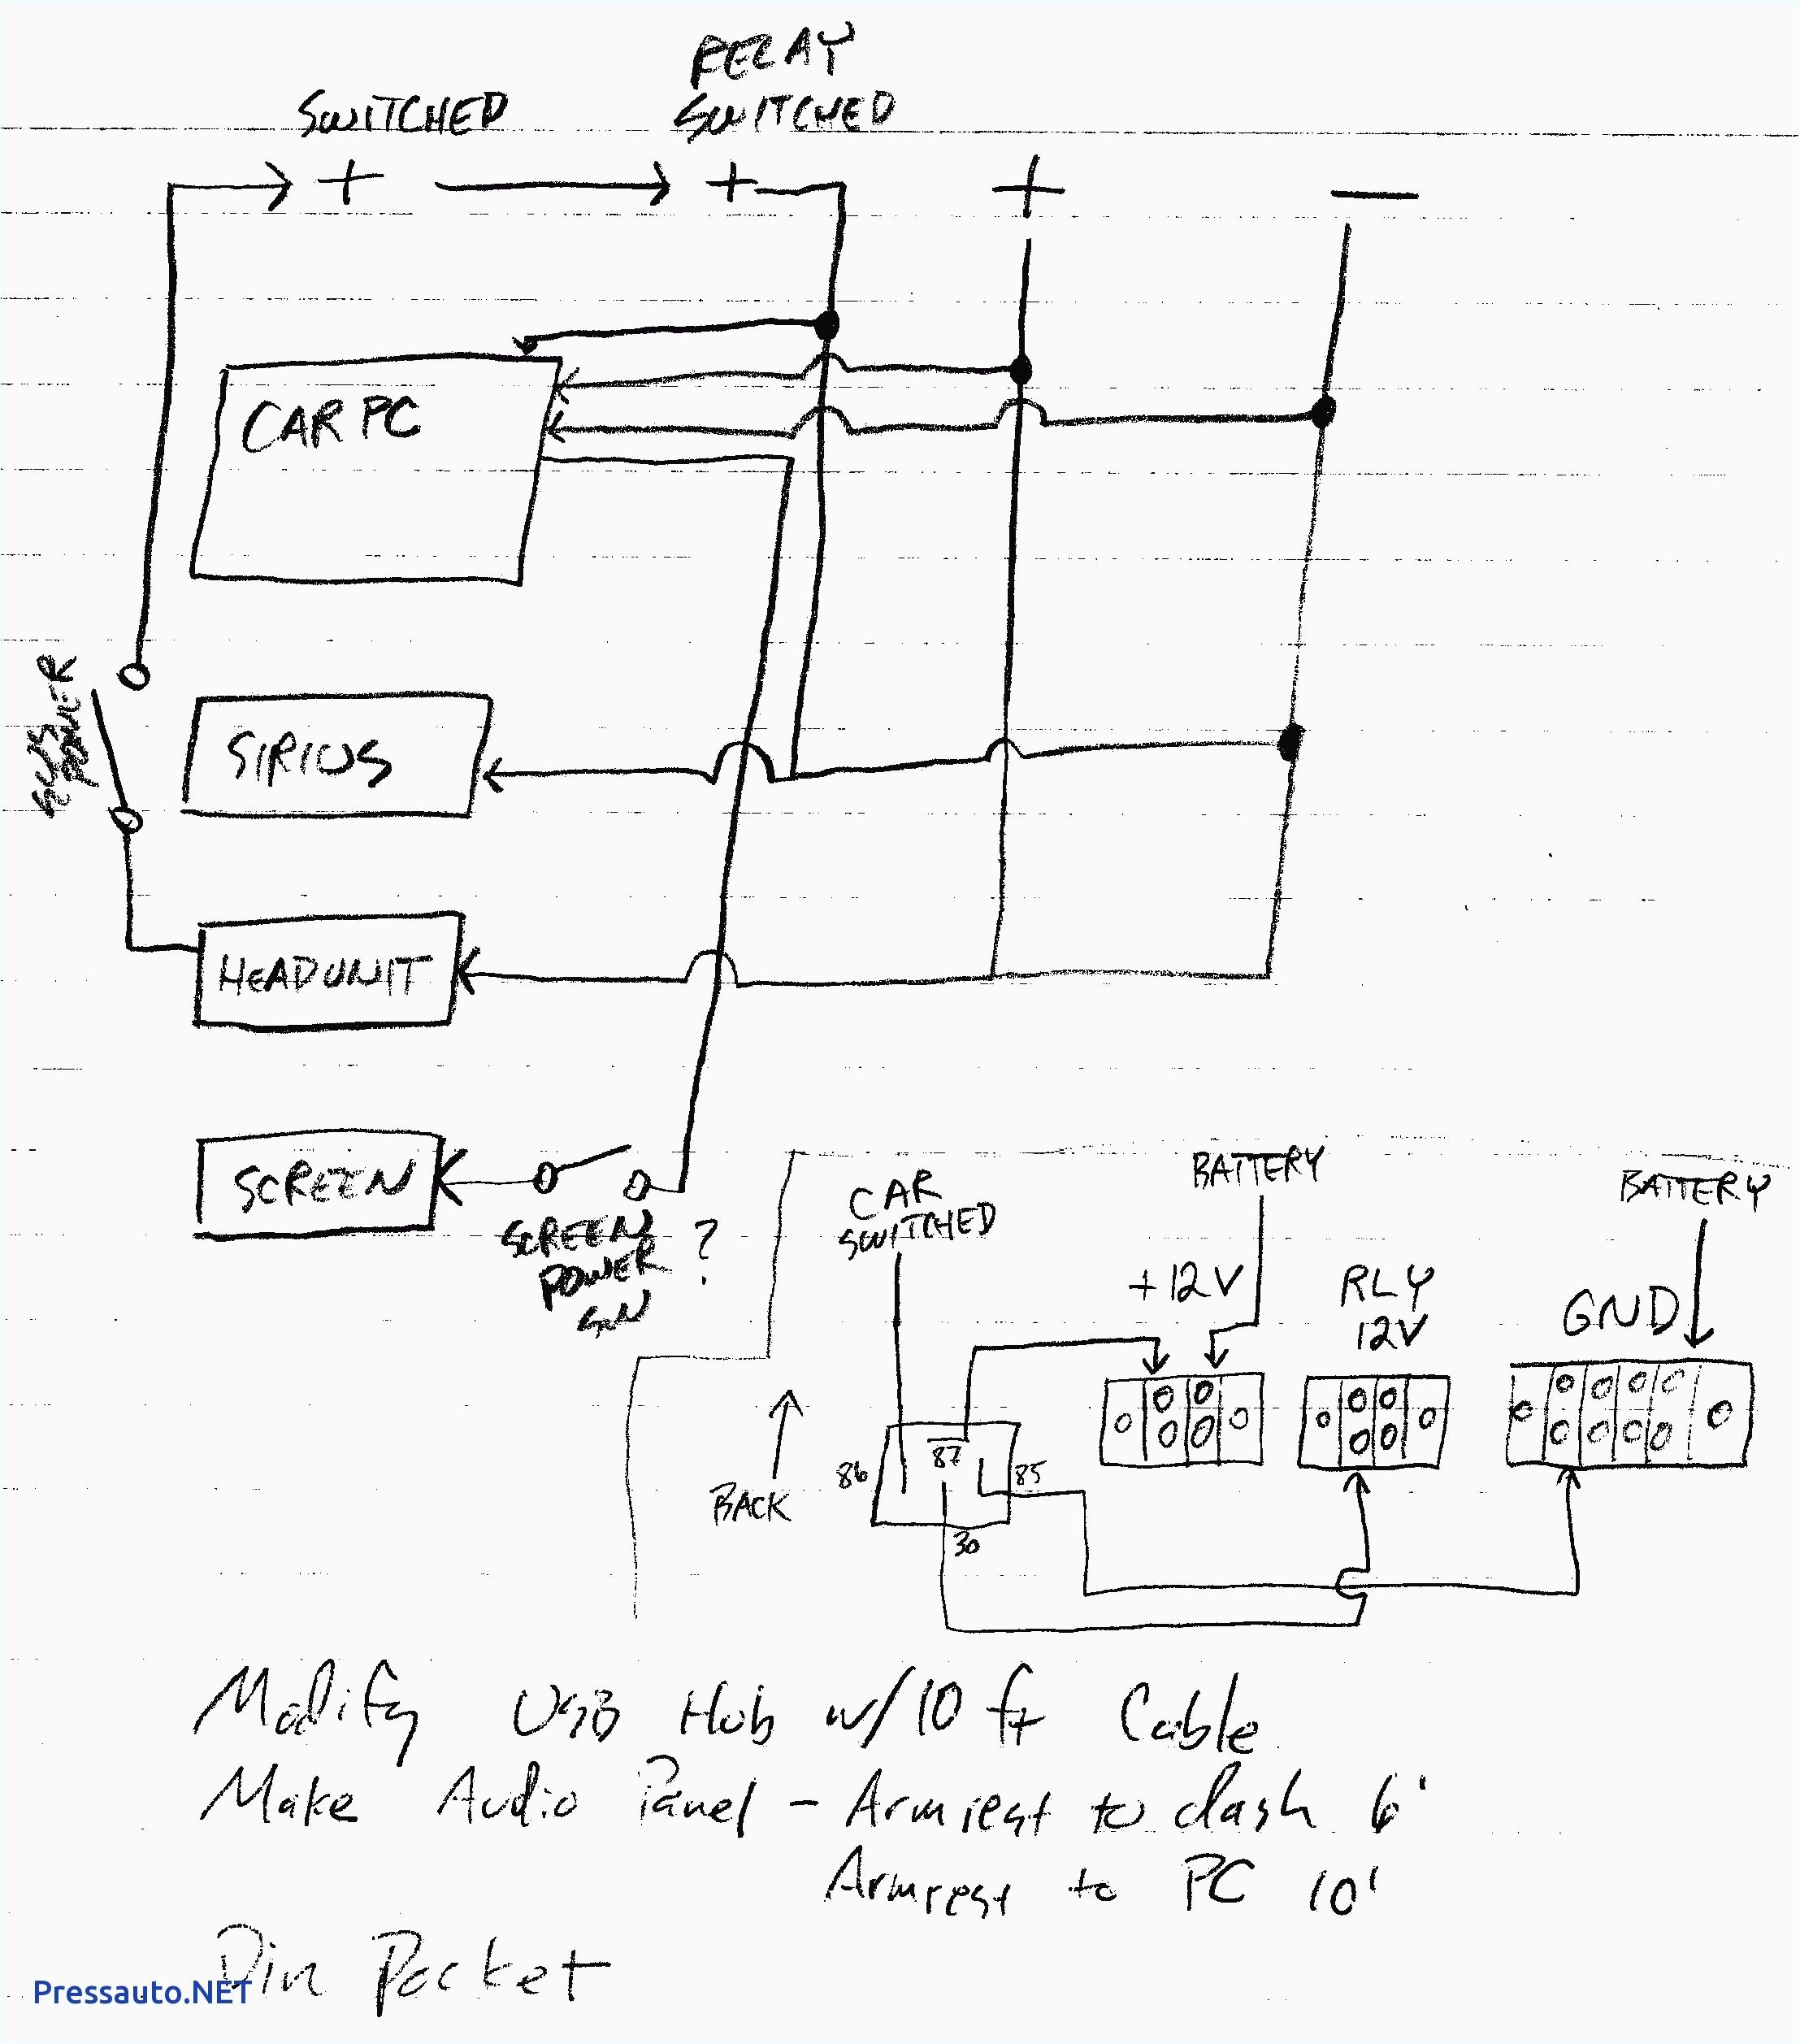 wiring diagram e60 wiring diagram databasewiring diagram e60 wiring diagram name wiring diagram e60 can wiring